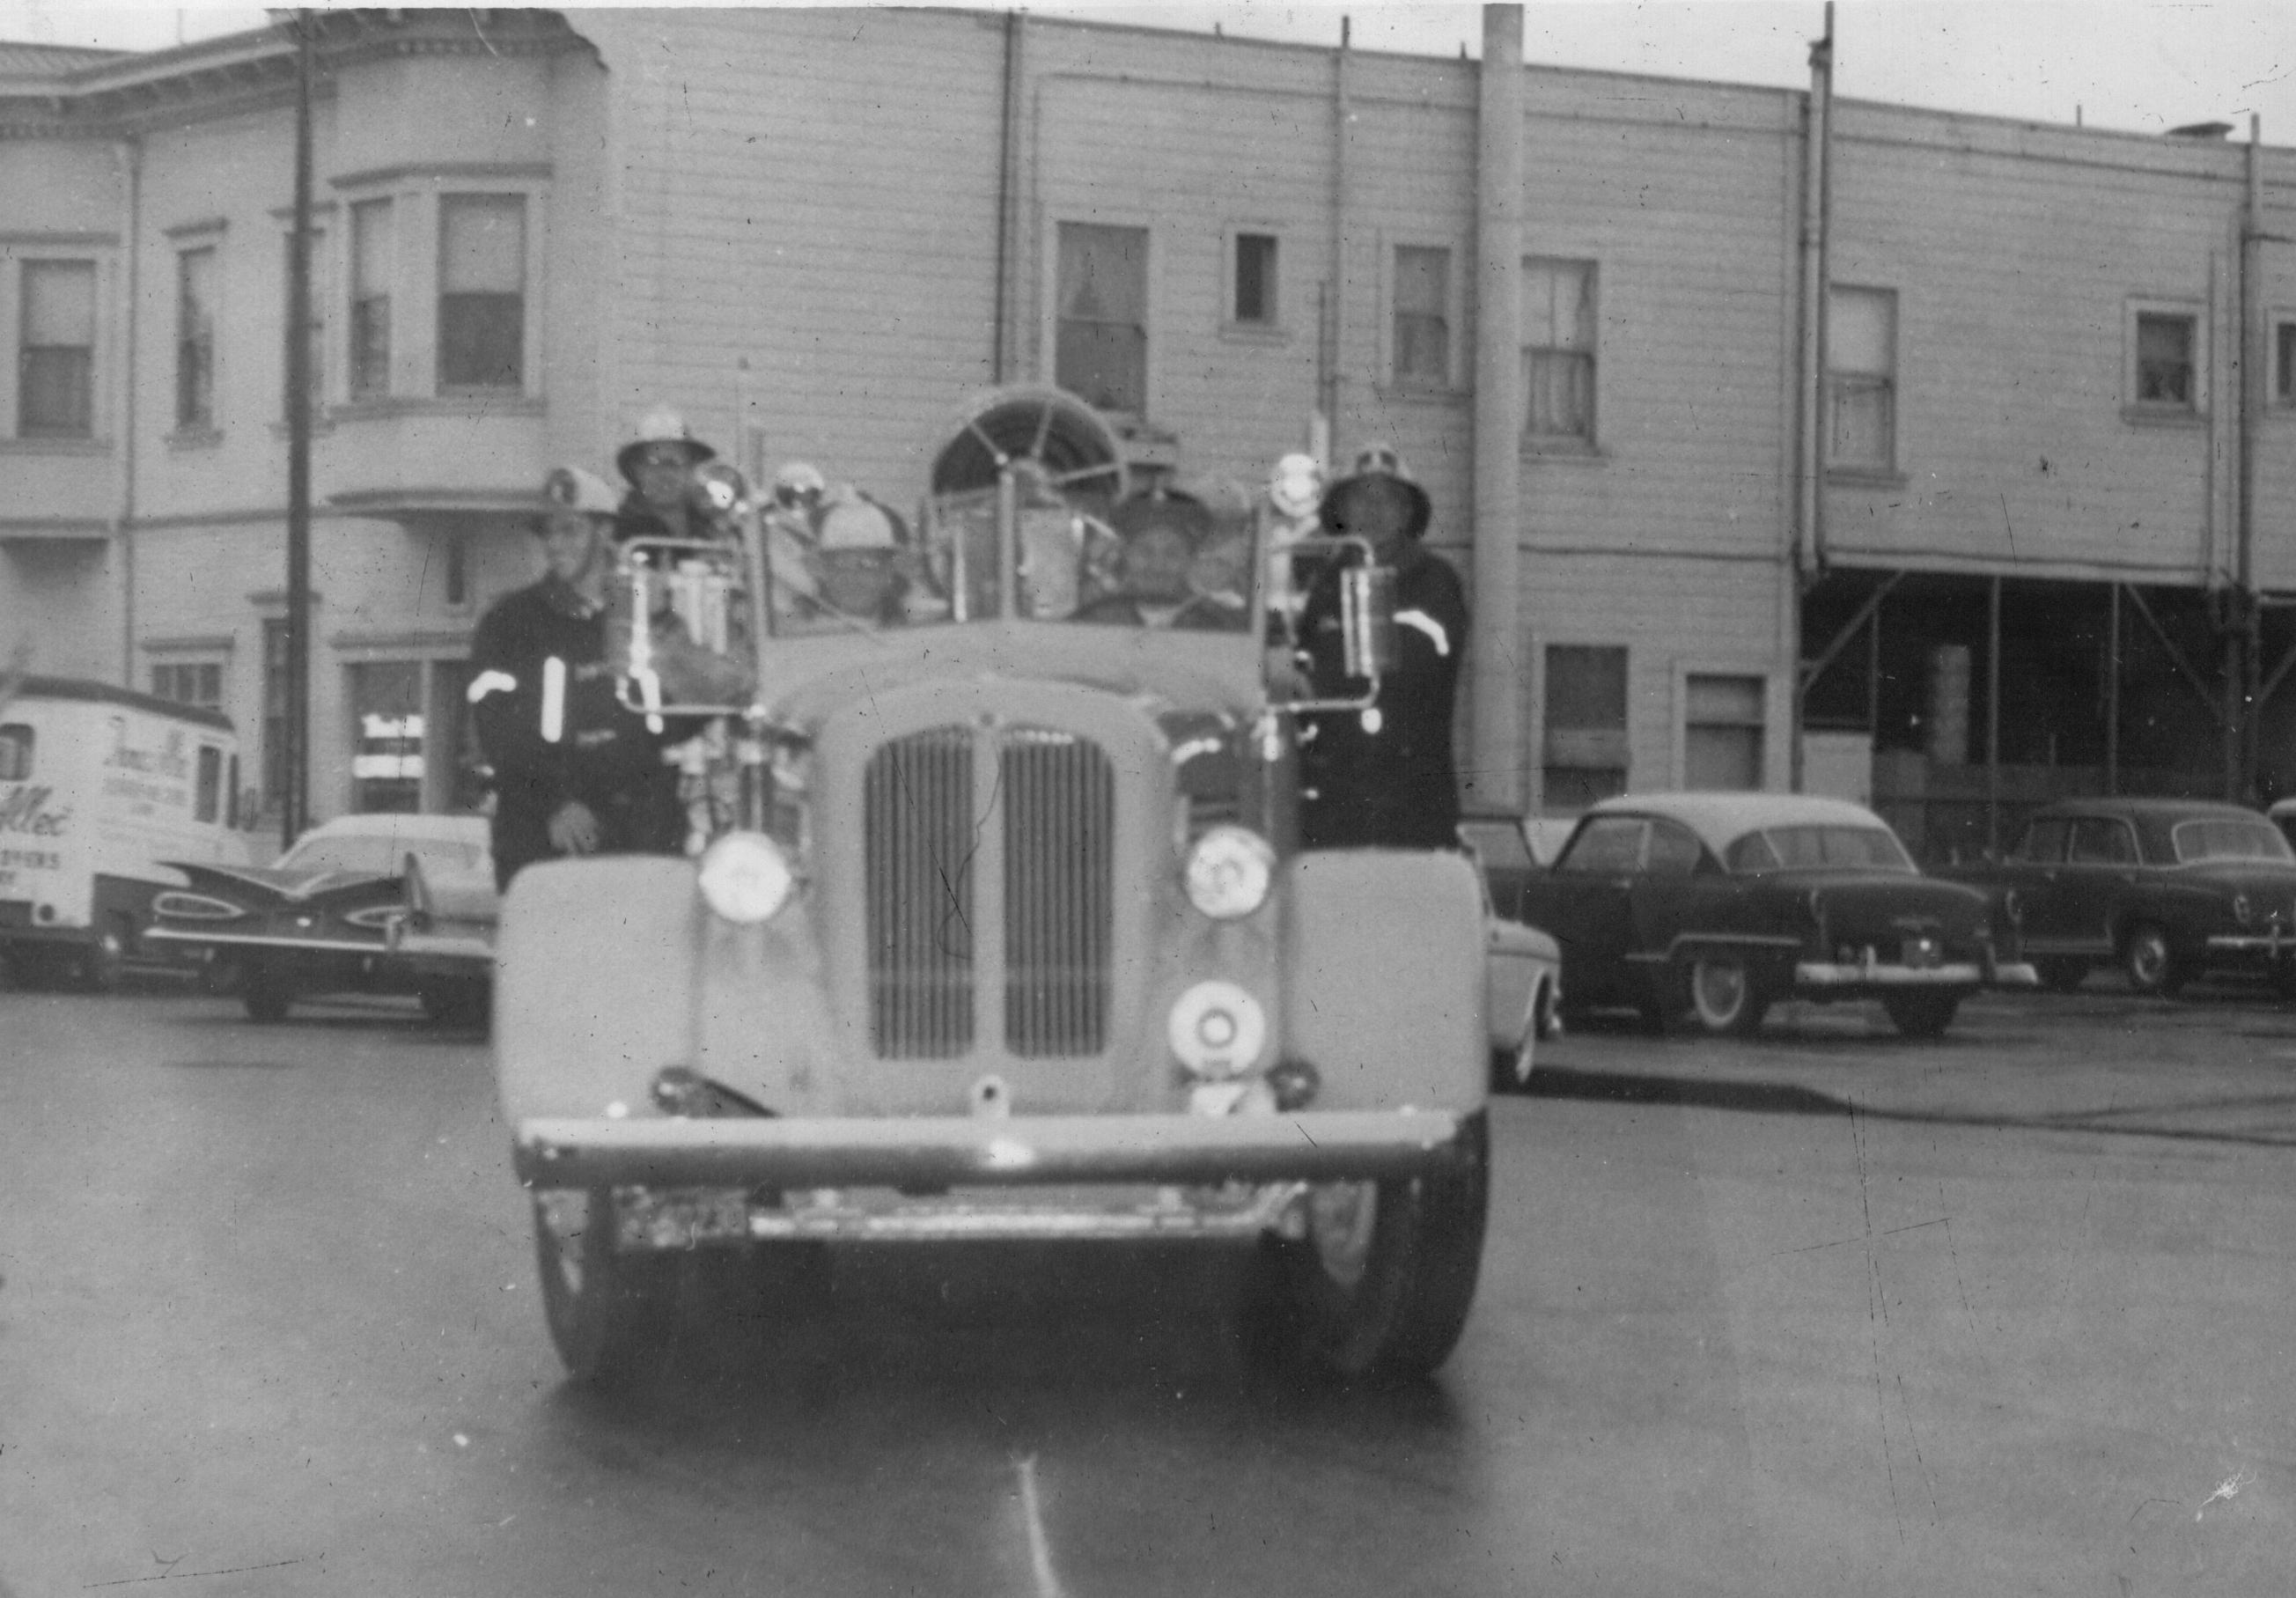 San Mateo Fire Engine circa 1930